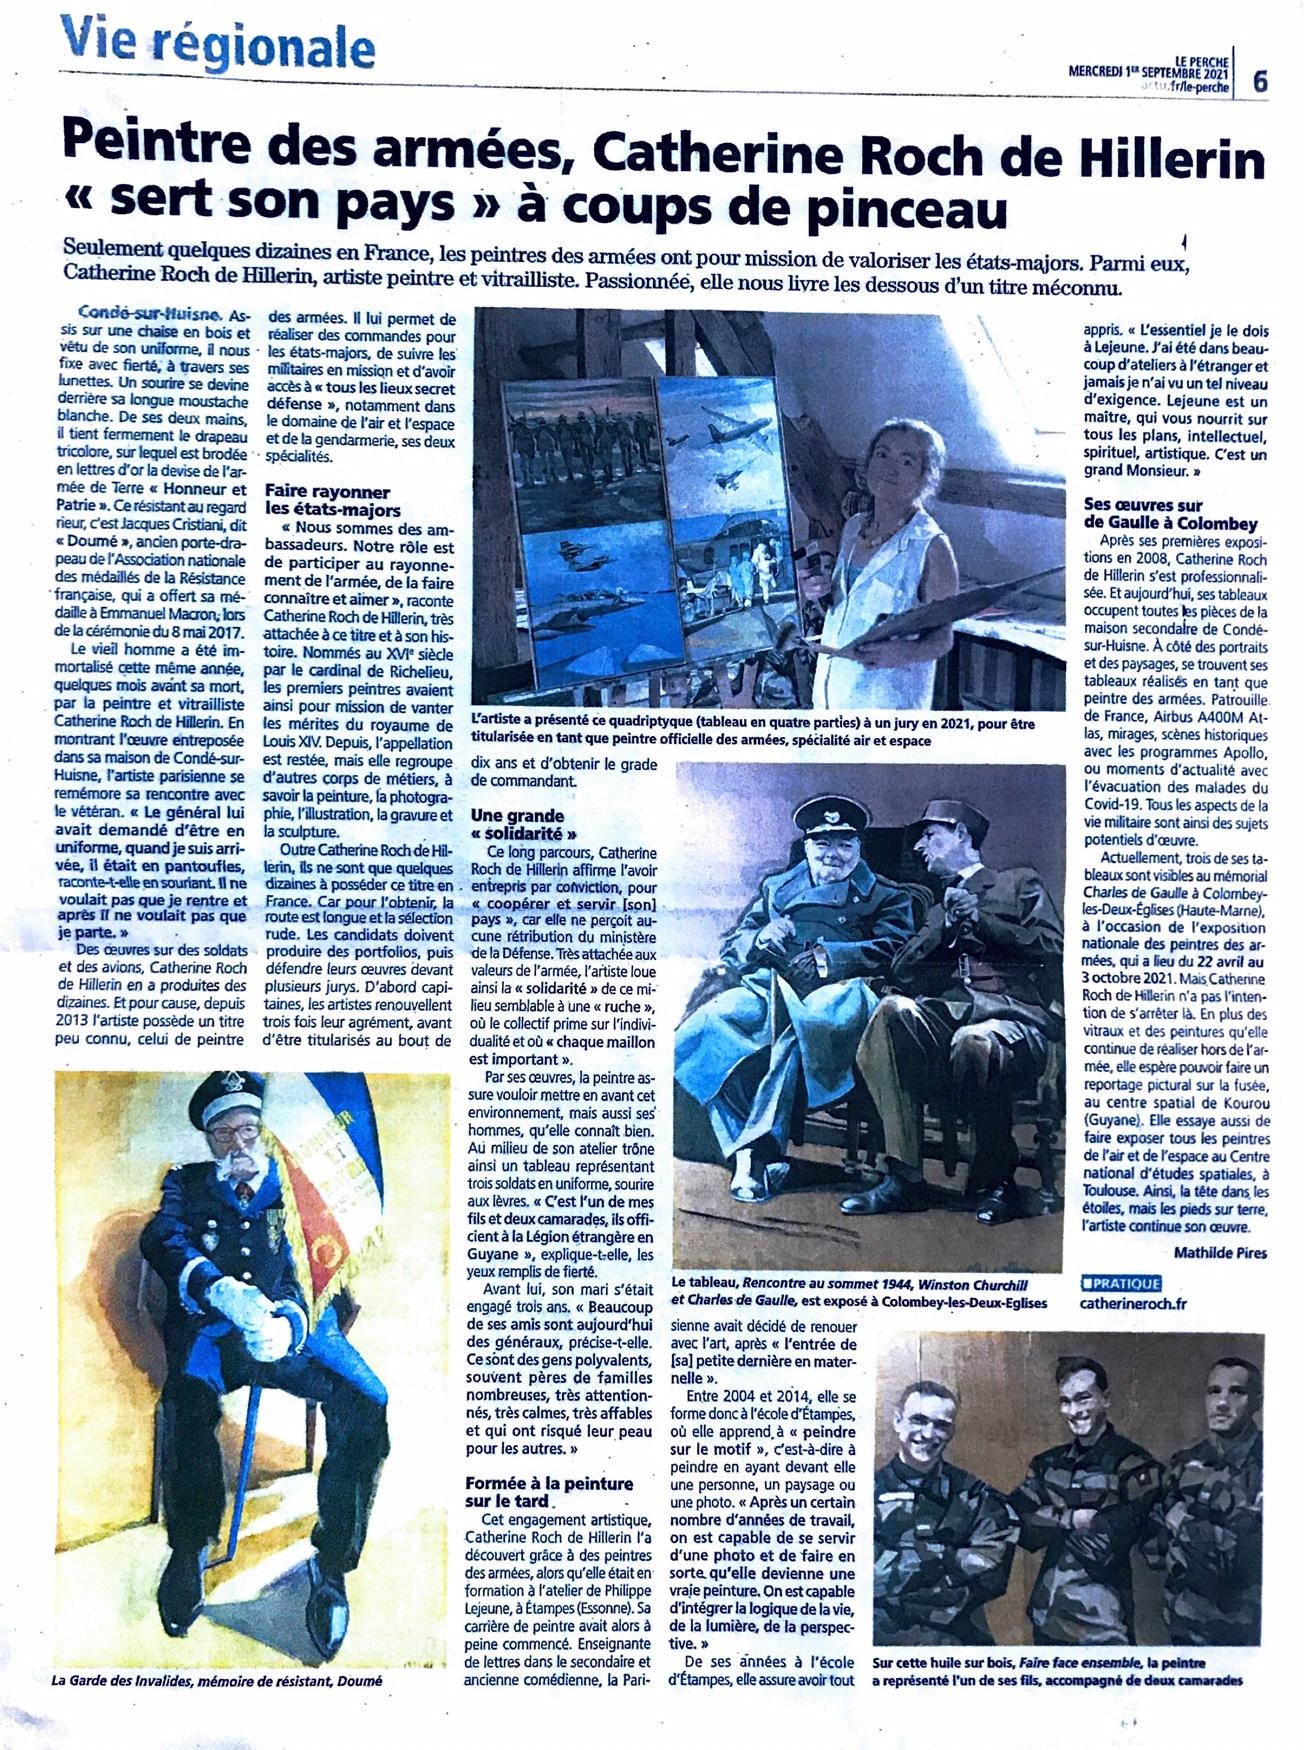 PRESSE Peintre des armées spté Air et Espace & Gendarmerie – Le Perche 1er sept 2021